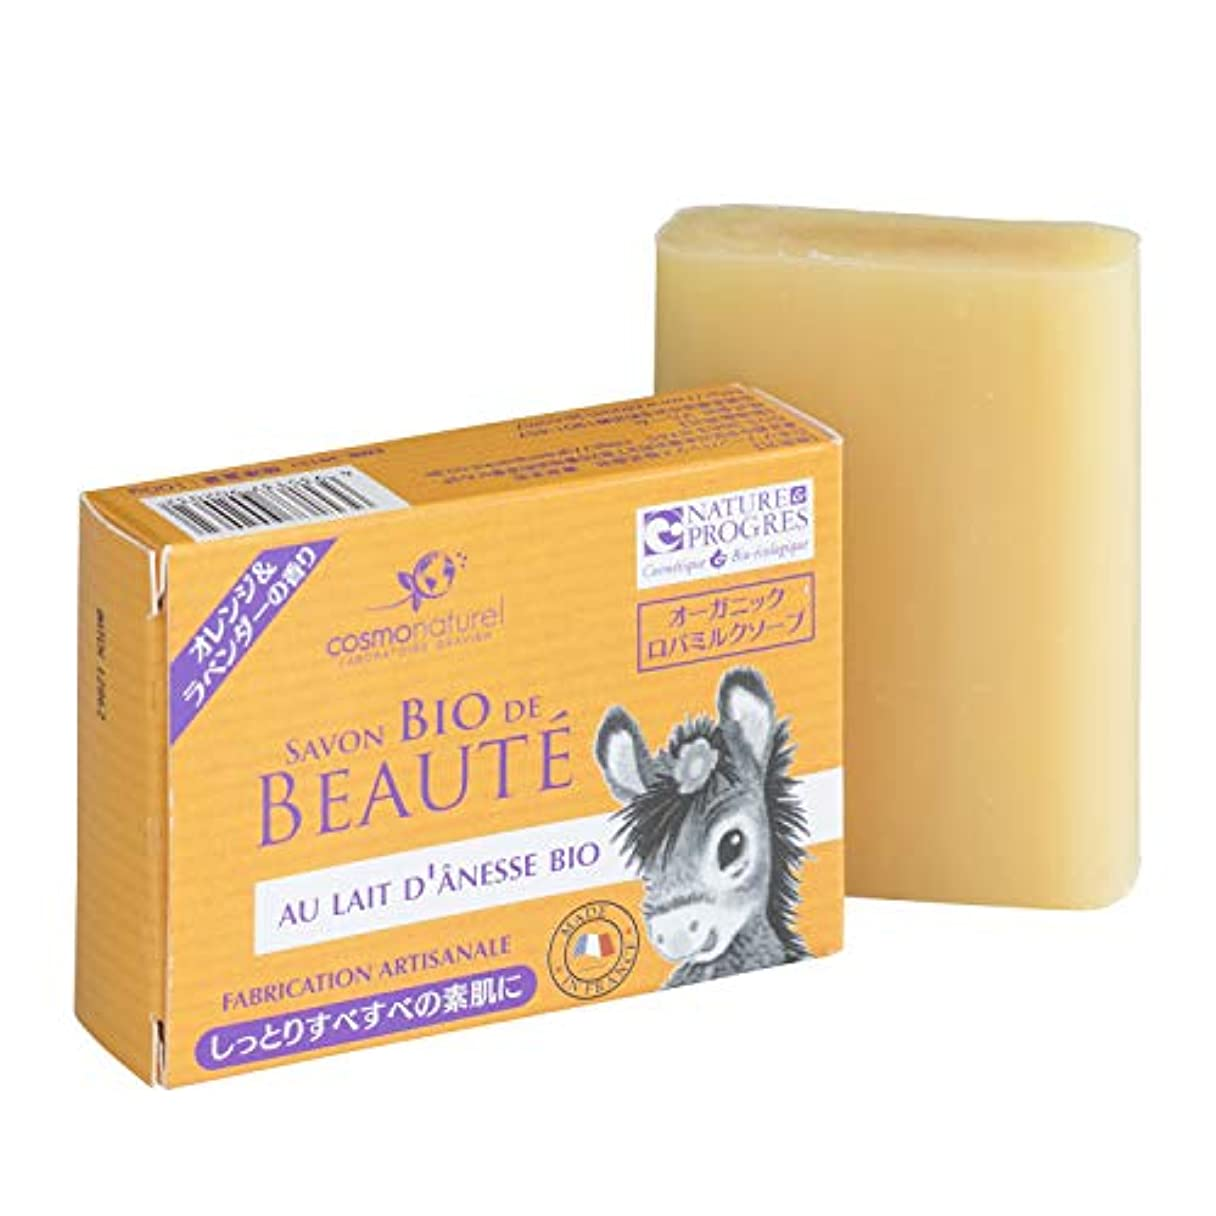 フェミニンミリメートルショッキングコスモナチュレル オーガニック ロバミルクソープ オレンジ&ラベンダーの香り 100g